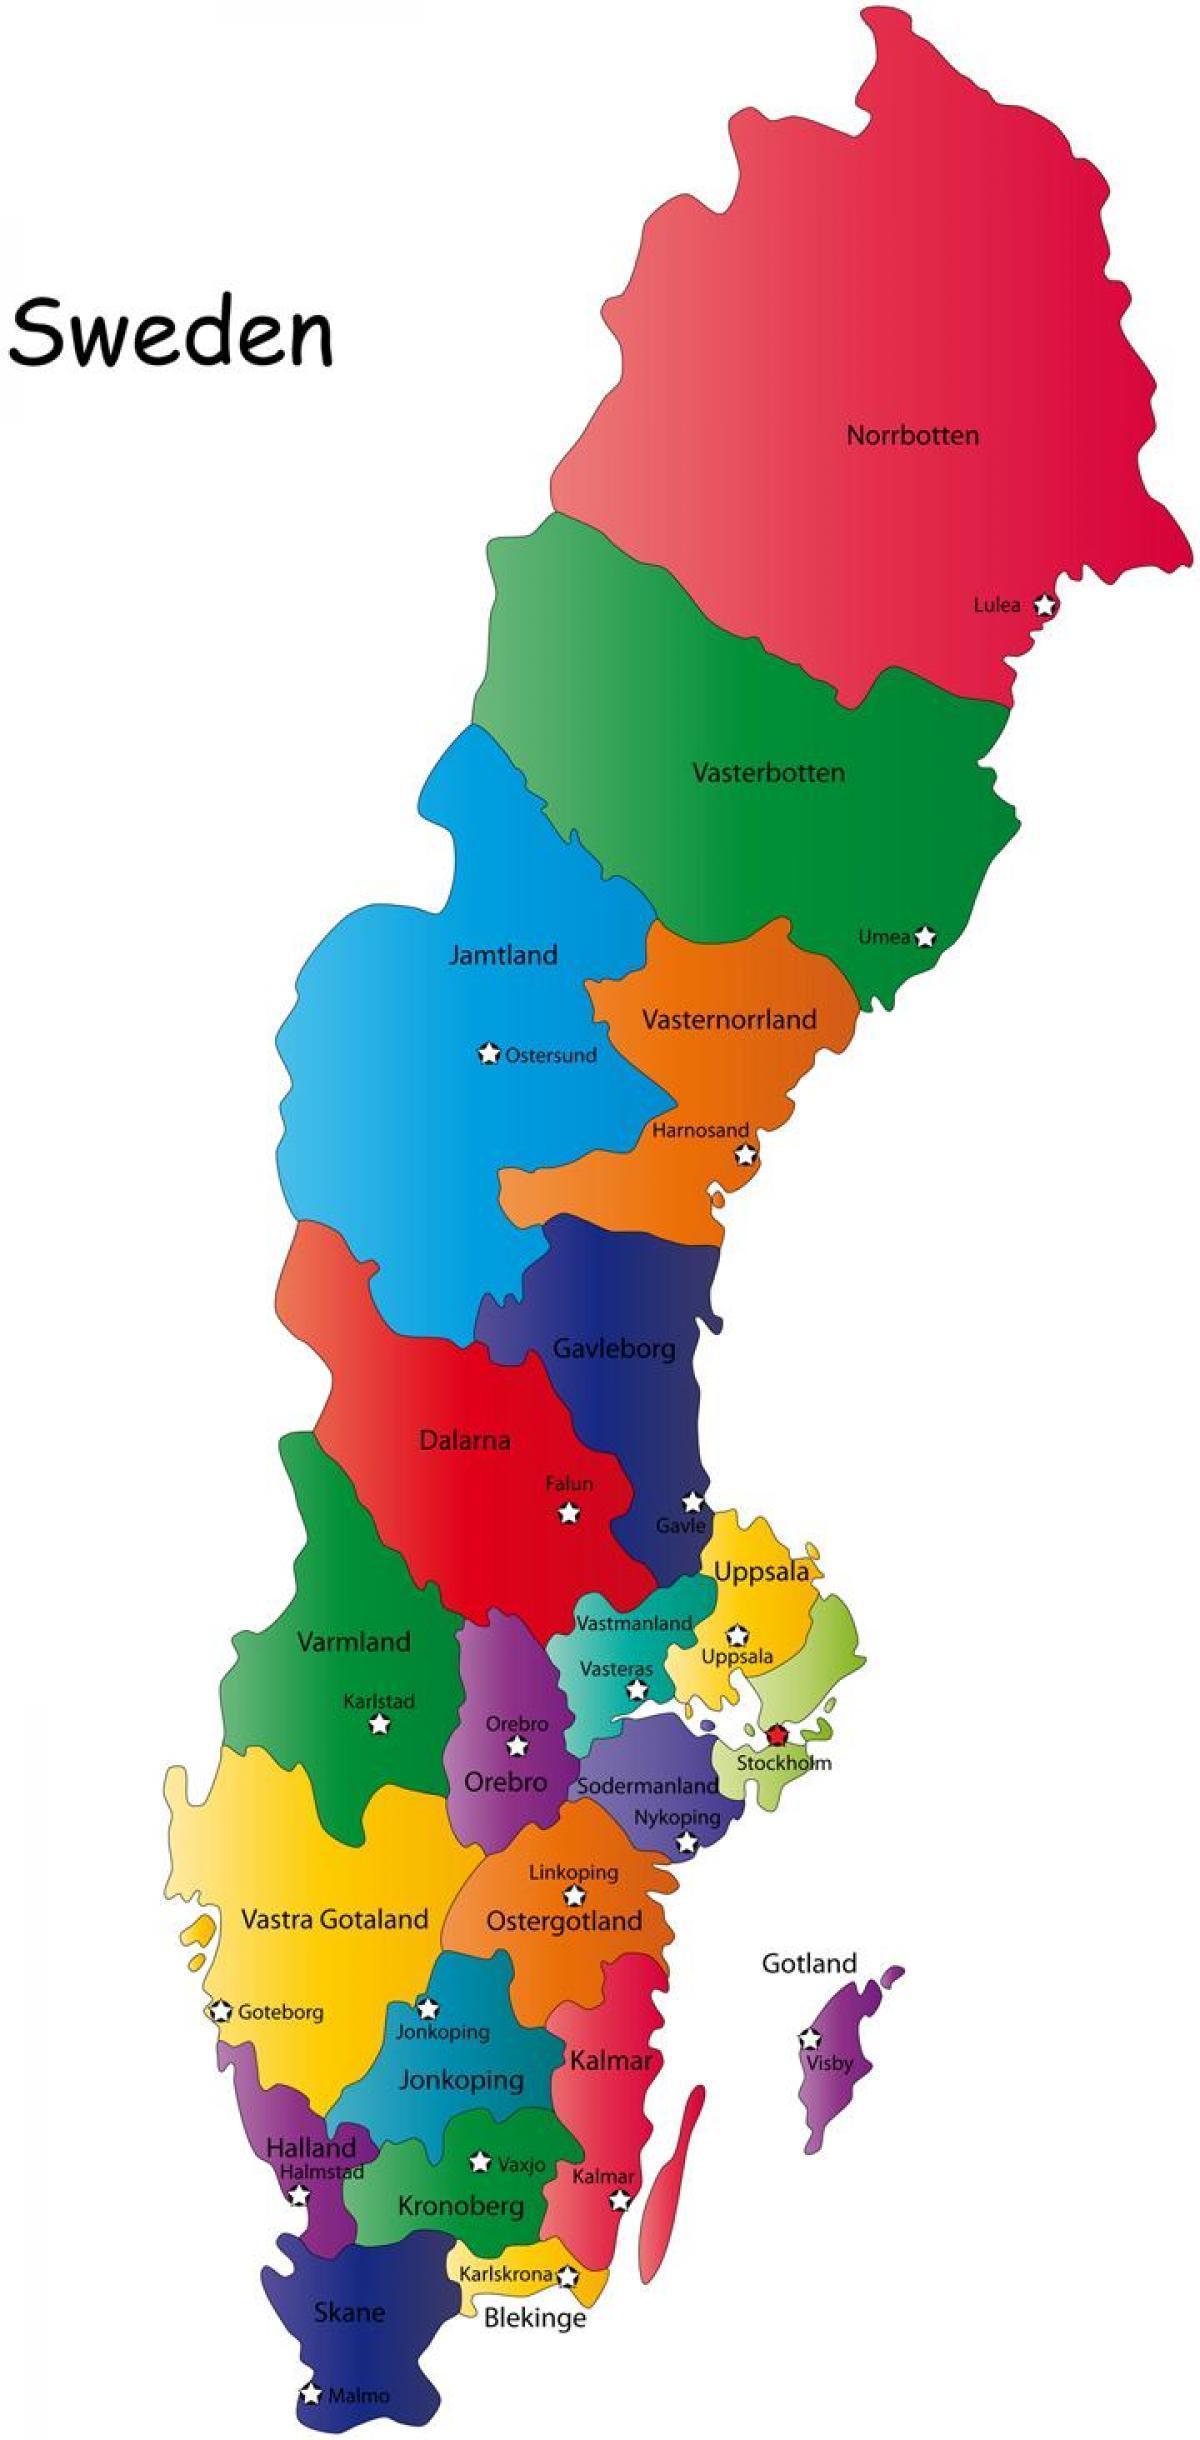 kart over fylker i sverige Sverige kart fylker   Kart av svenske fylkene (Nord Europa   Europa) kart over fylker i sverige